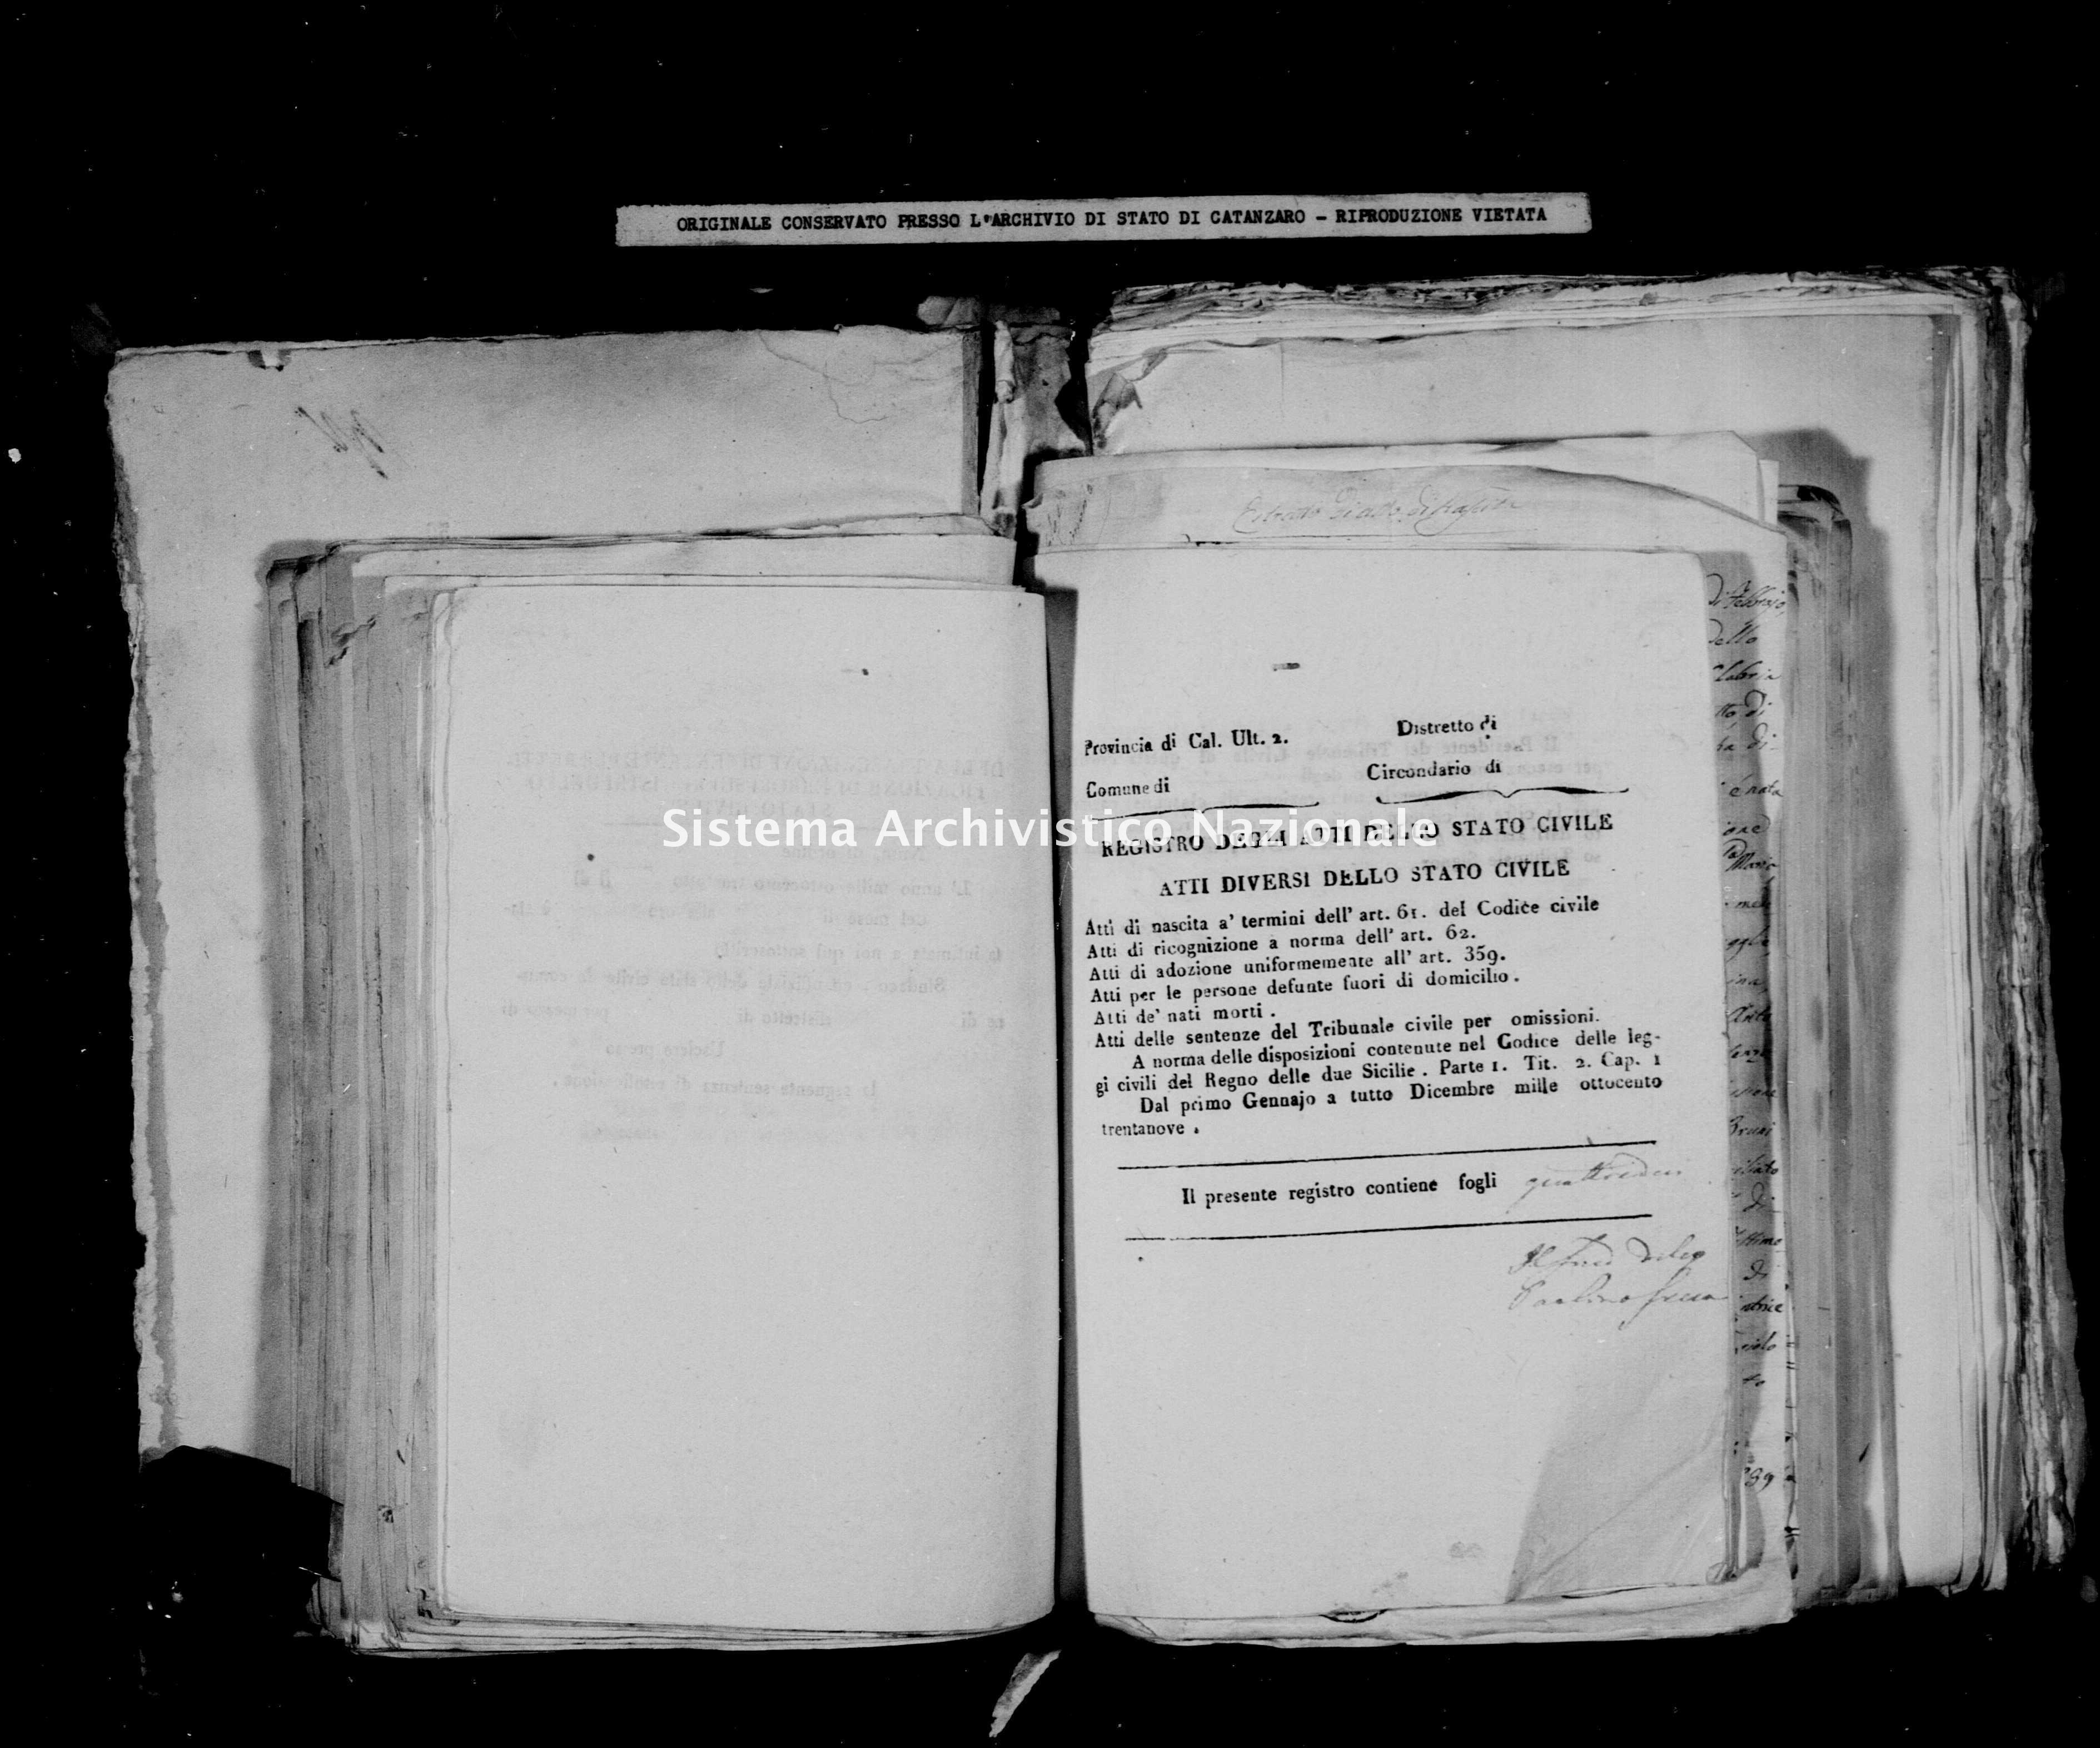 Archivio di stato di Catanzaro - Stato civile della restaurazione - Calabrò - Diversi - 1839 -